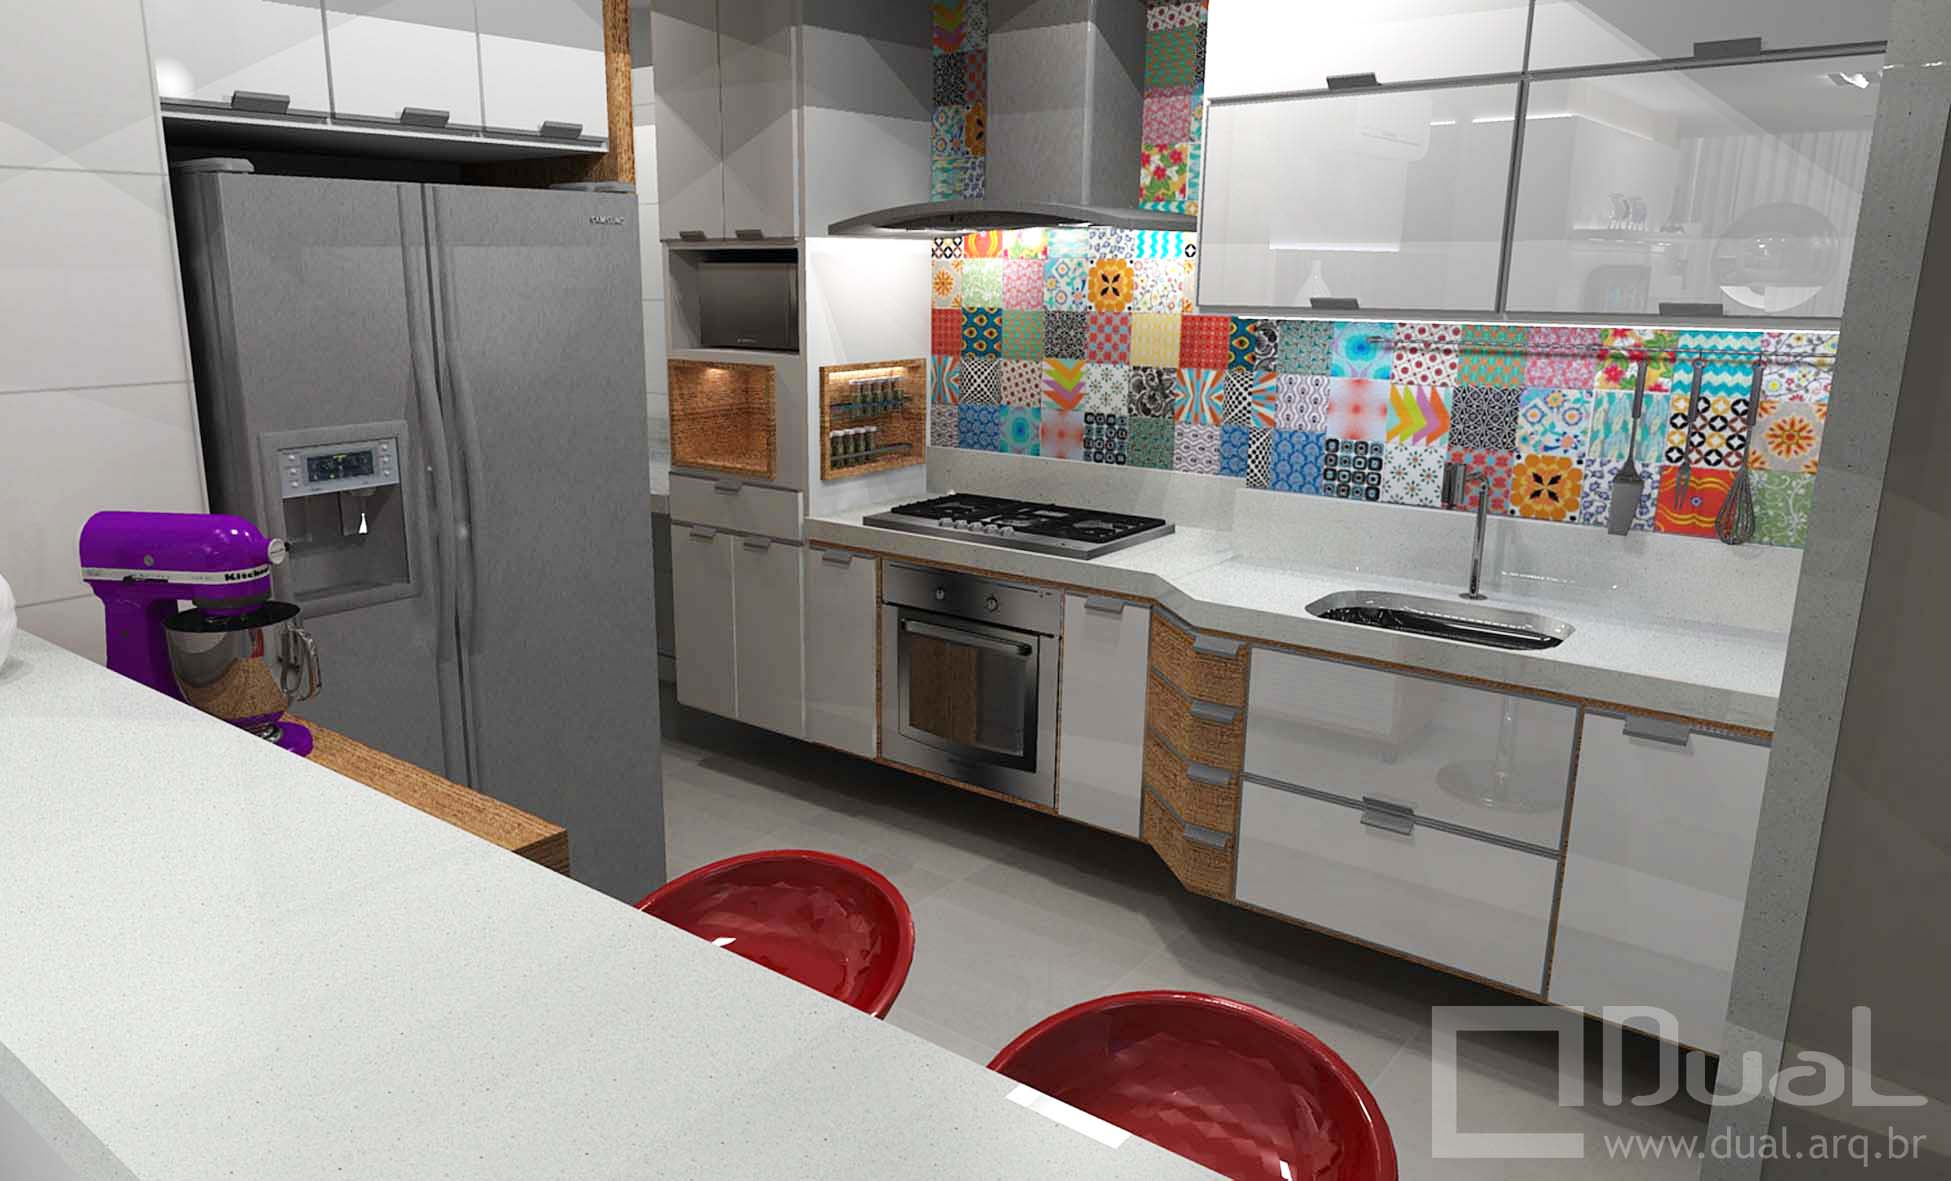 #68207C Decor – Minha Cozinha! 1951x1181 px Projete Minha Própria Cozinha_914 Imagens